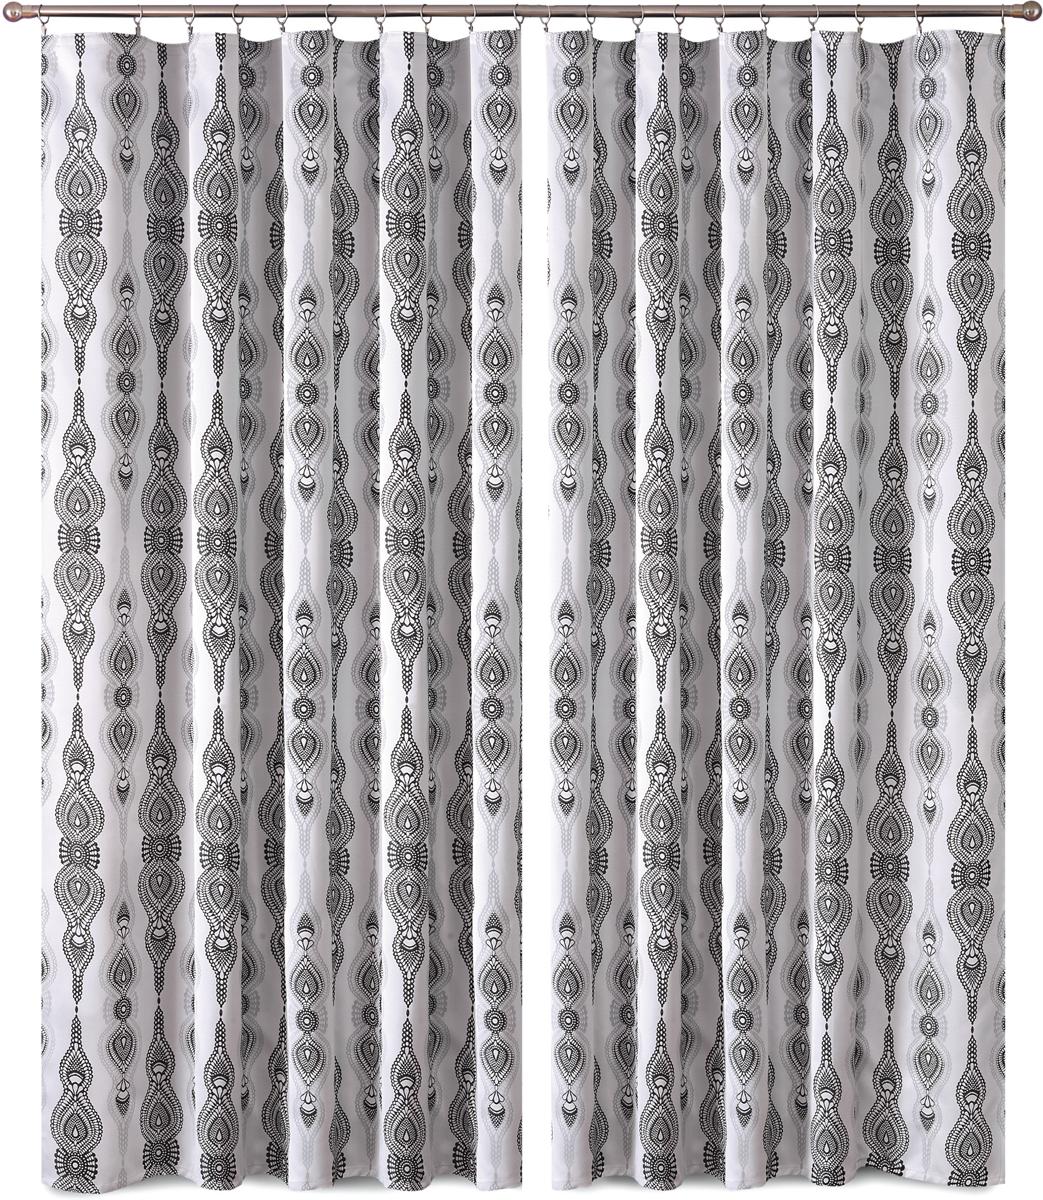 Комплект штор P Primavera Firany, на ленте, цвет: серый, высота 270 см, 2 шт. 11100751110075Комплект штор P Primavera Firany выполненный из полиэстровой жаккардовой ткани, великолепно украсит любое окно.Изящный рисунок и приятная цветовая гамма привлекут к себе внимание и органично впишутся в интерьер помещения. Этот комплект будет долгое время радовать вас и вашу семью!